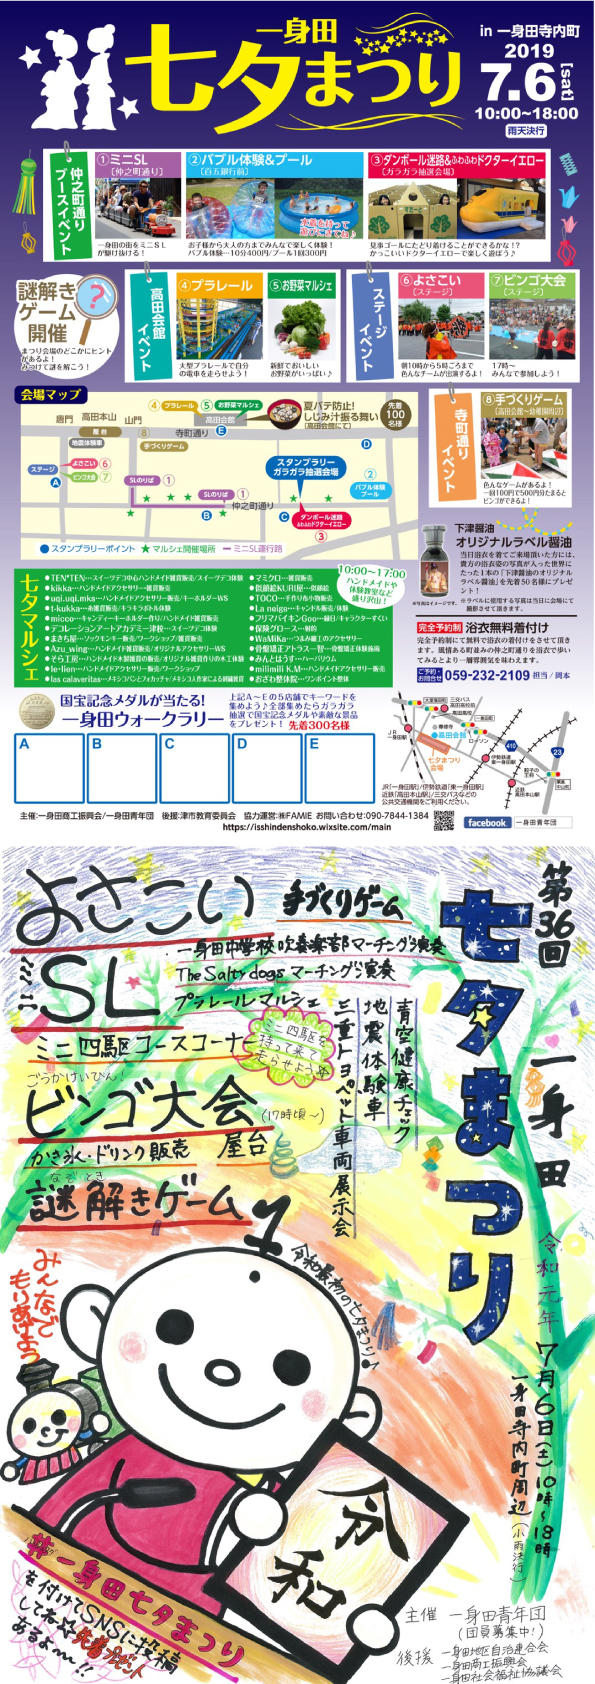 一身田七夕まつり 7月6日~このイベントは終了しました